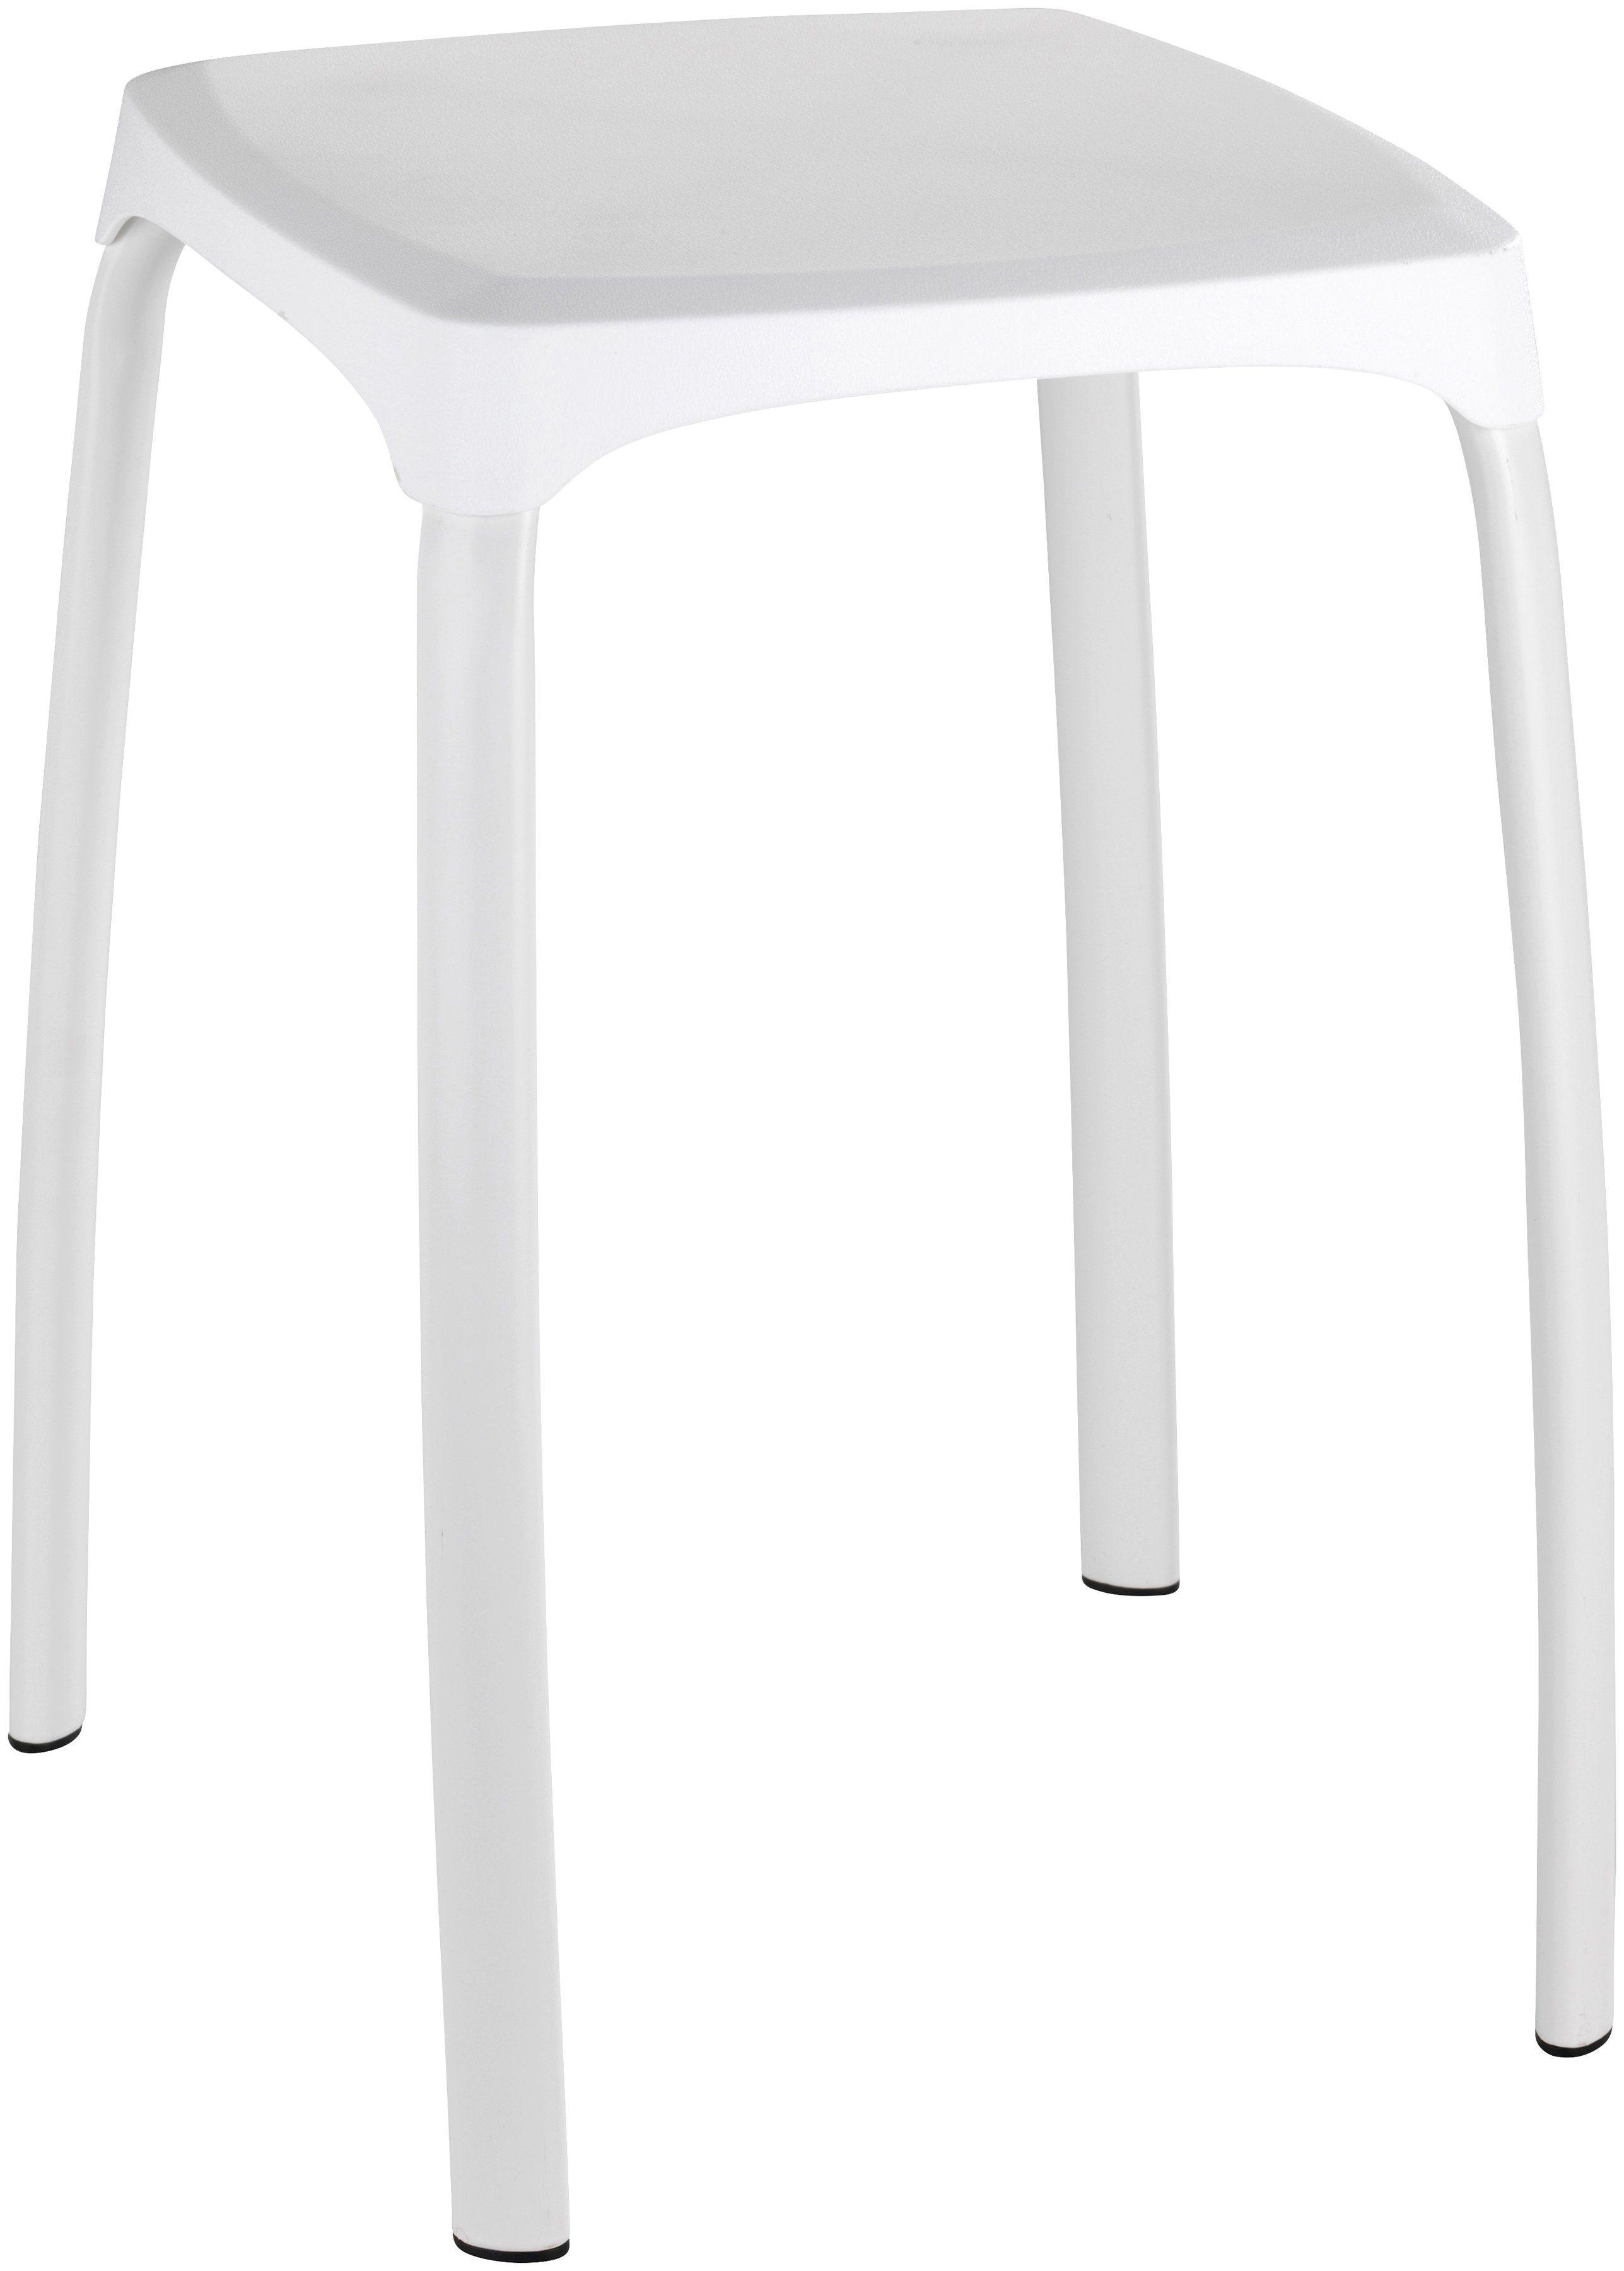 WENKO Badhocker Losani wei Mit leicht strukturierter Kunststoffsitzflche online kaufen  OTTO